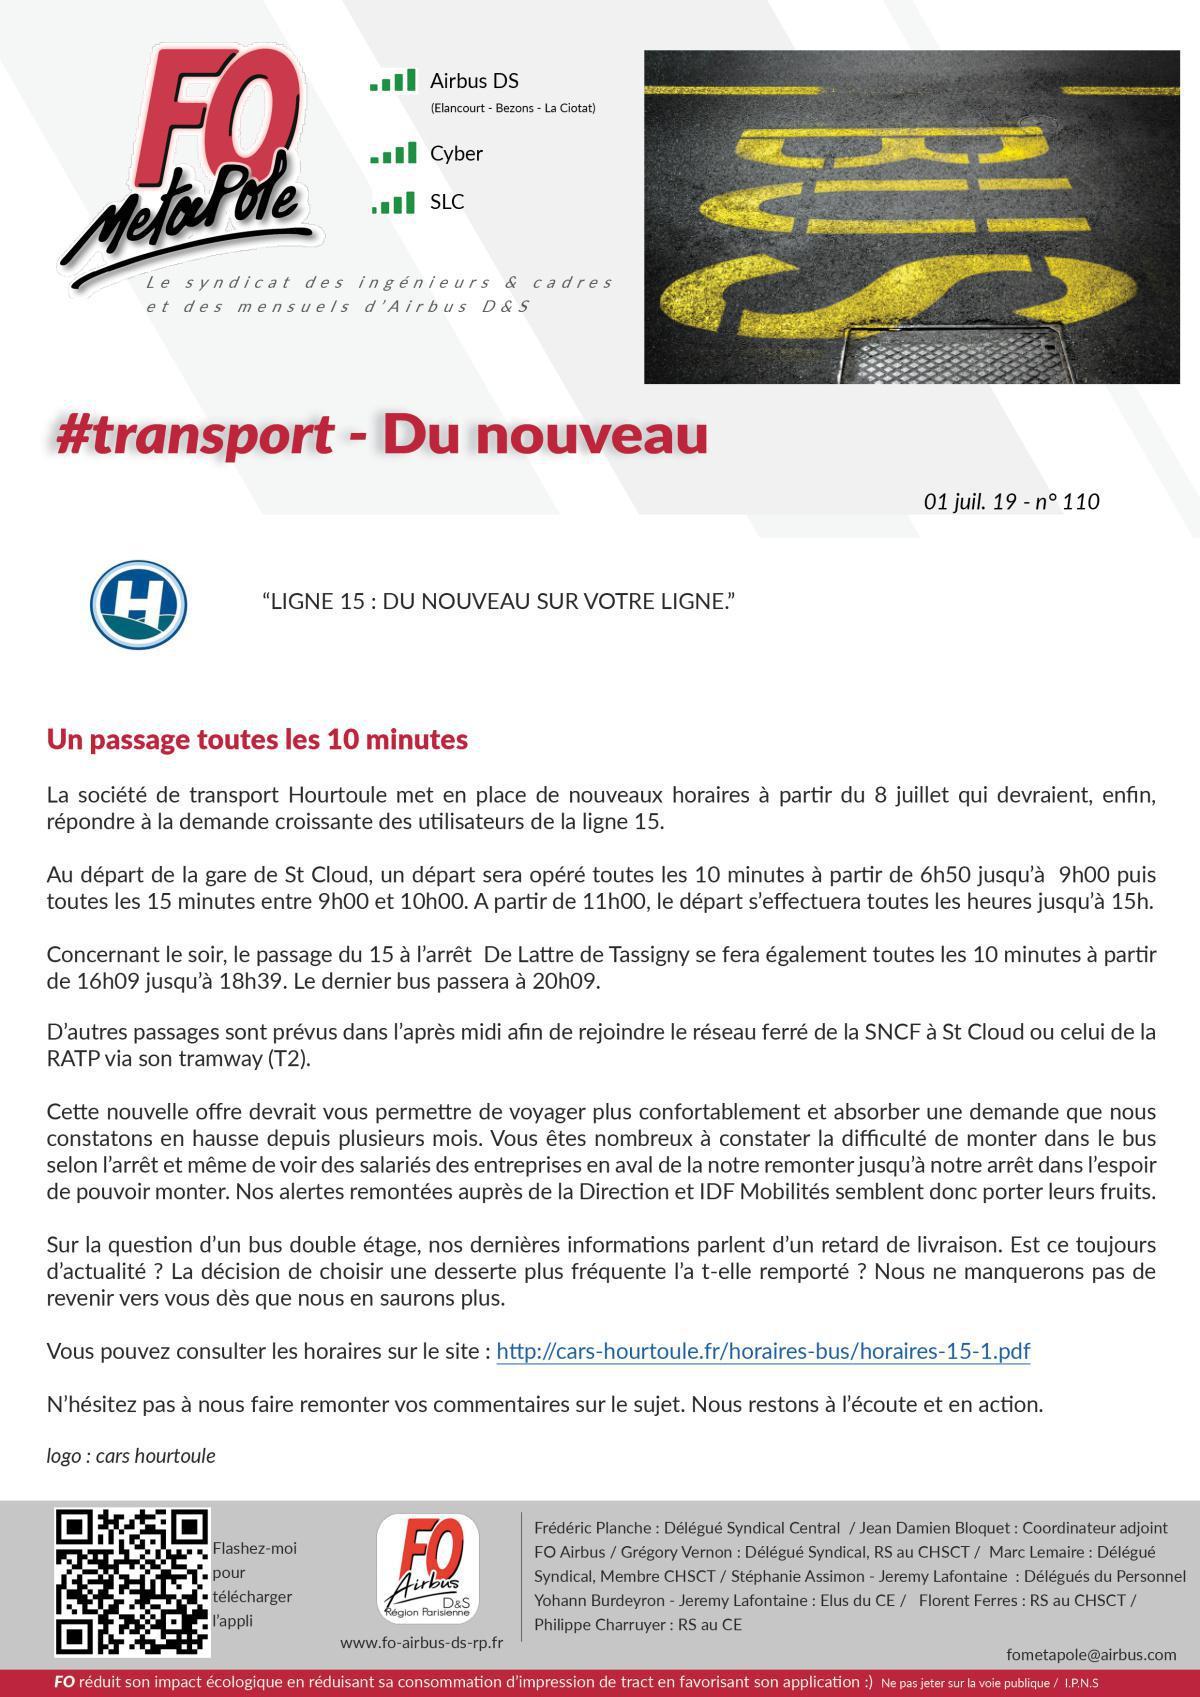 #transport Ligne 15 - bonnes nouvelles